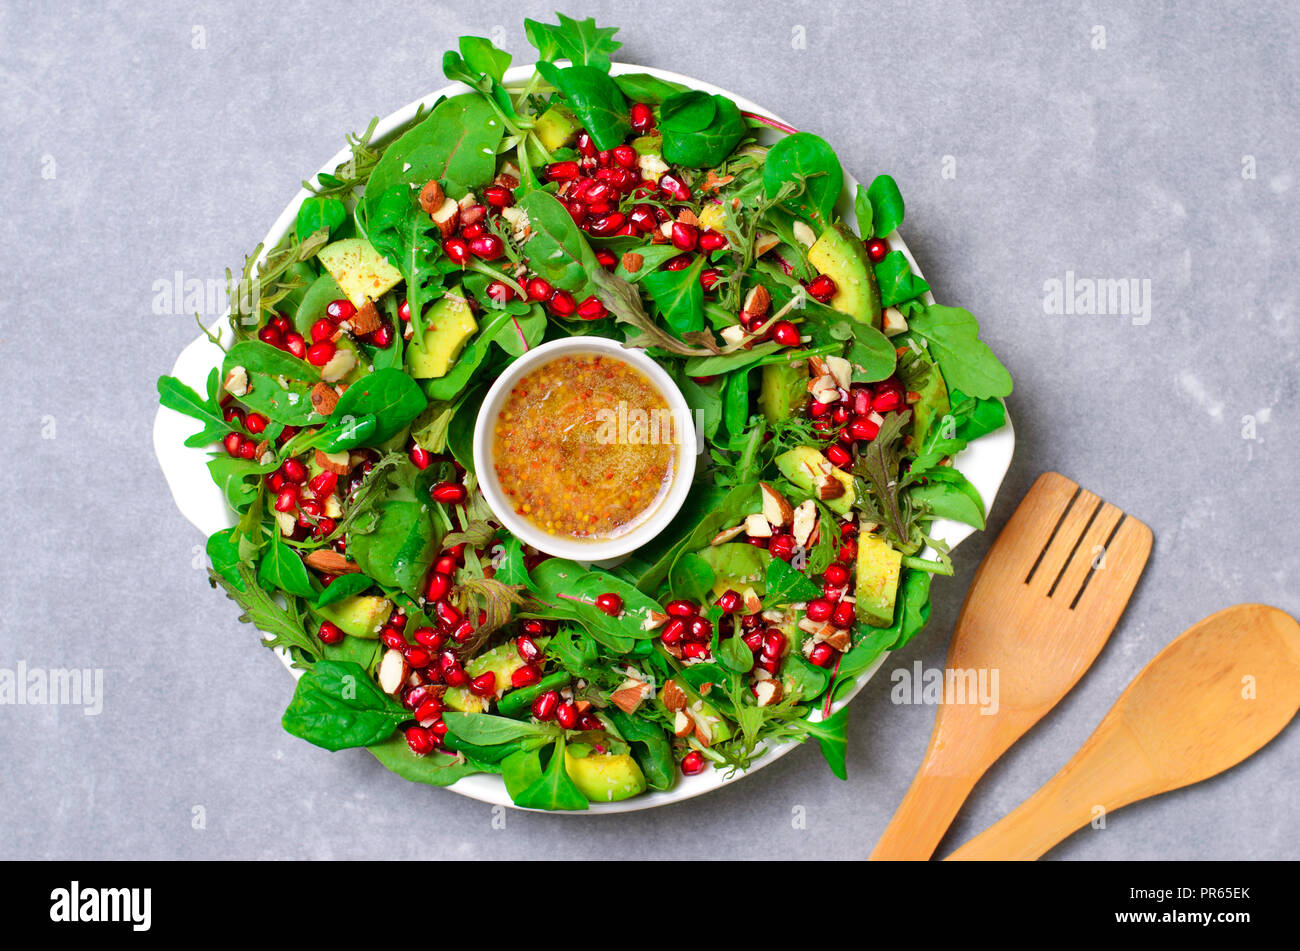 Salat Weihnachten.Weihnachten Kranz Salat Mit Granatapfel Avocado Salat Mischen Und